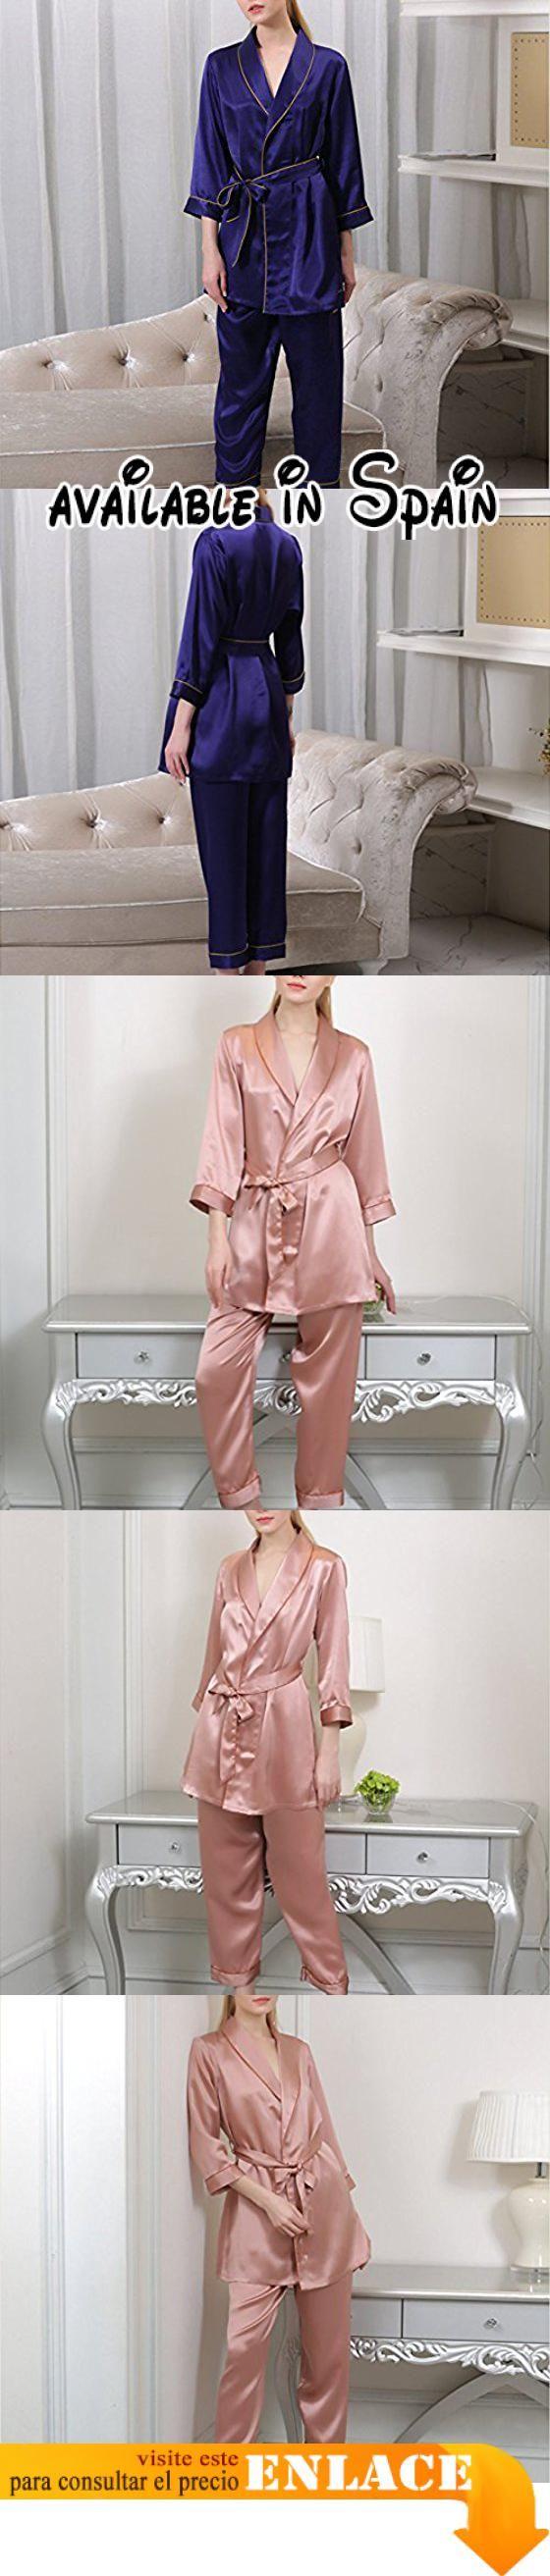 B074V7667Z : OGTOP La Primavera Y El Otoño De Verano Y De Invierno Las Mujeres De Seda Cómoda De Ocio Pijamas Transpirable Servicio A Domicilio2-L. Pijamas 100% de poliéster para el diseño de las mujeres. Sedosos pijamas mujeres sienten placer diseño para el hogar perfecto. Shallow satén de poliéster suave sensación suave del sueño. Este elegante pijama se puede decir que sea una combinación perfecta de la magnífica y elegante.. Poliéster textura de seda tejido